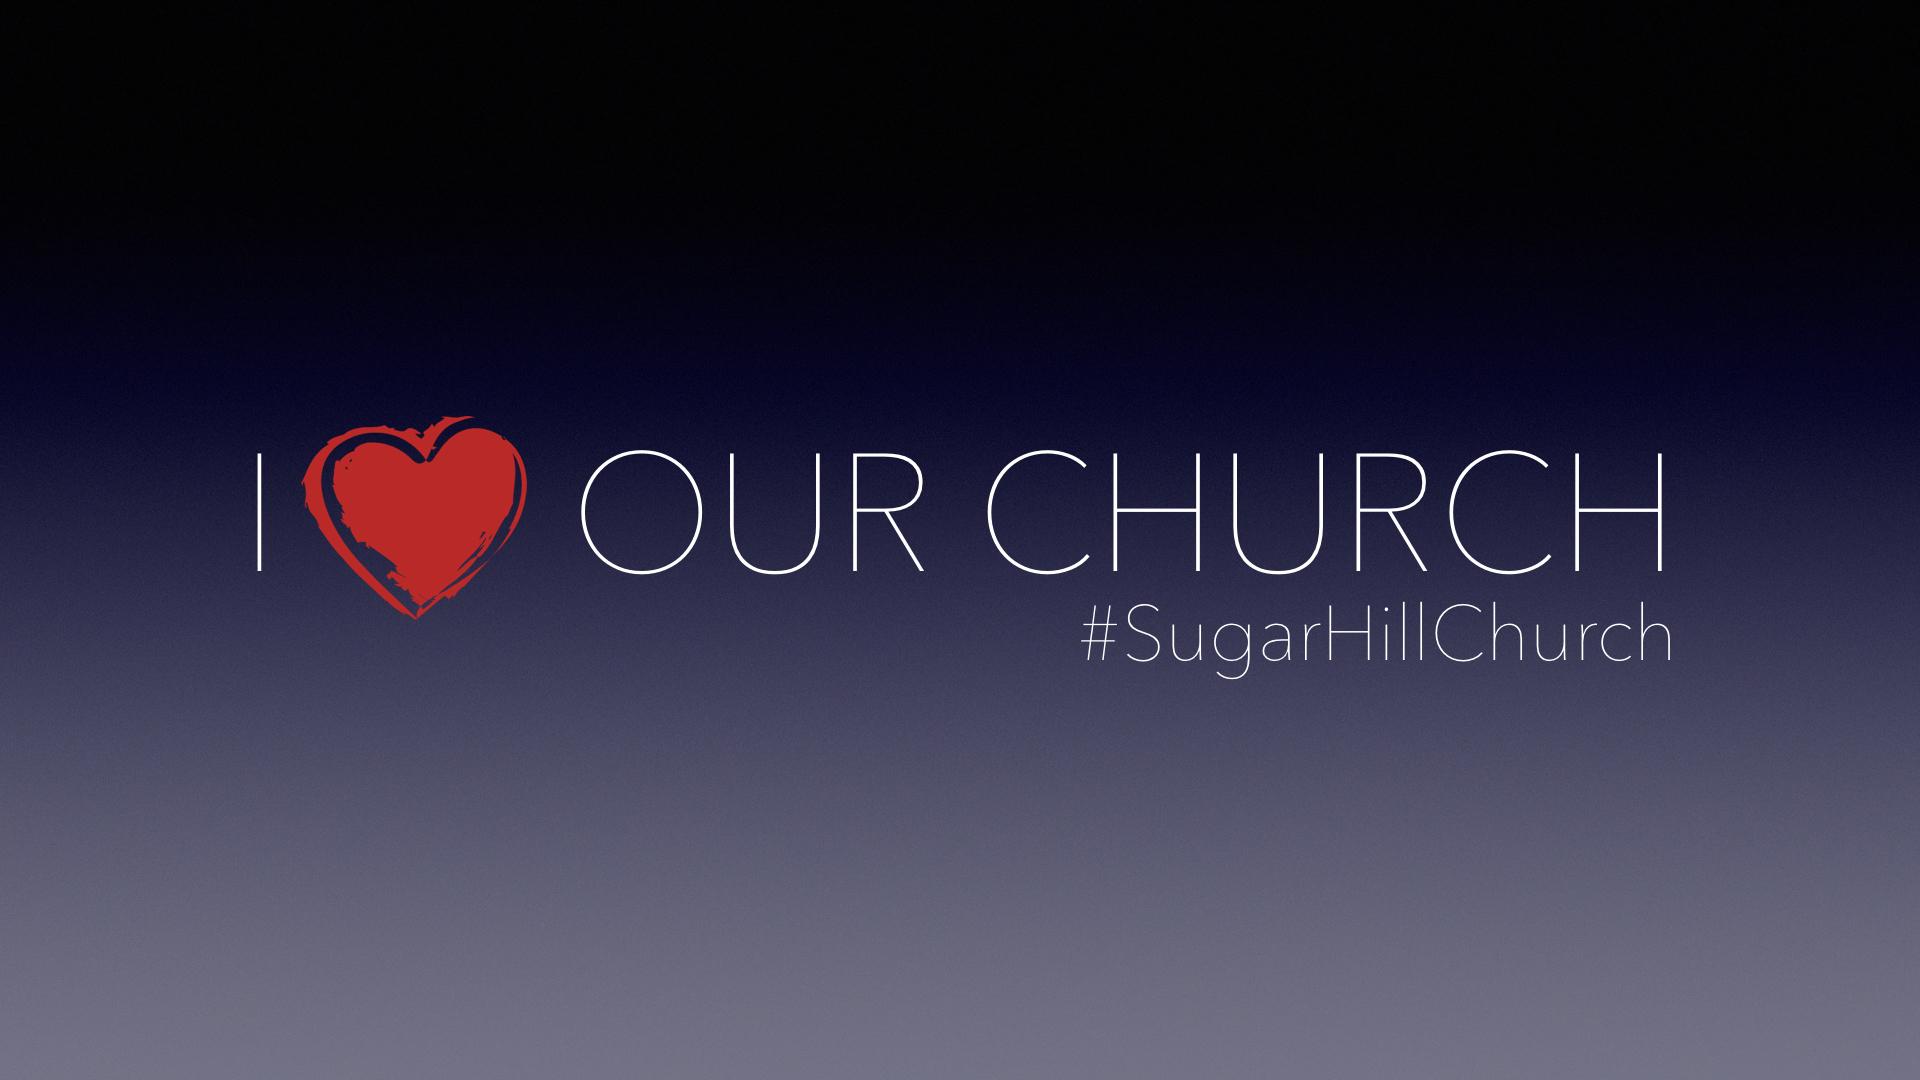 i-love-our-church-010